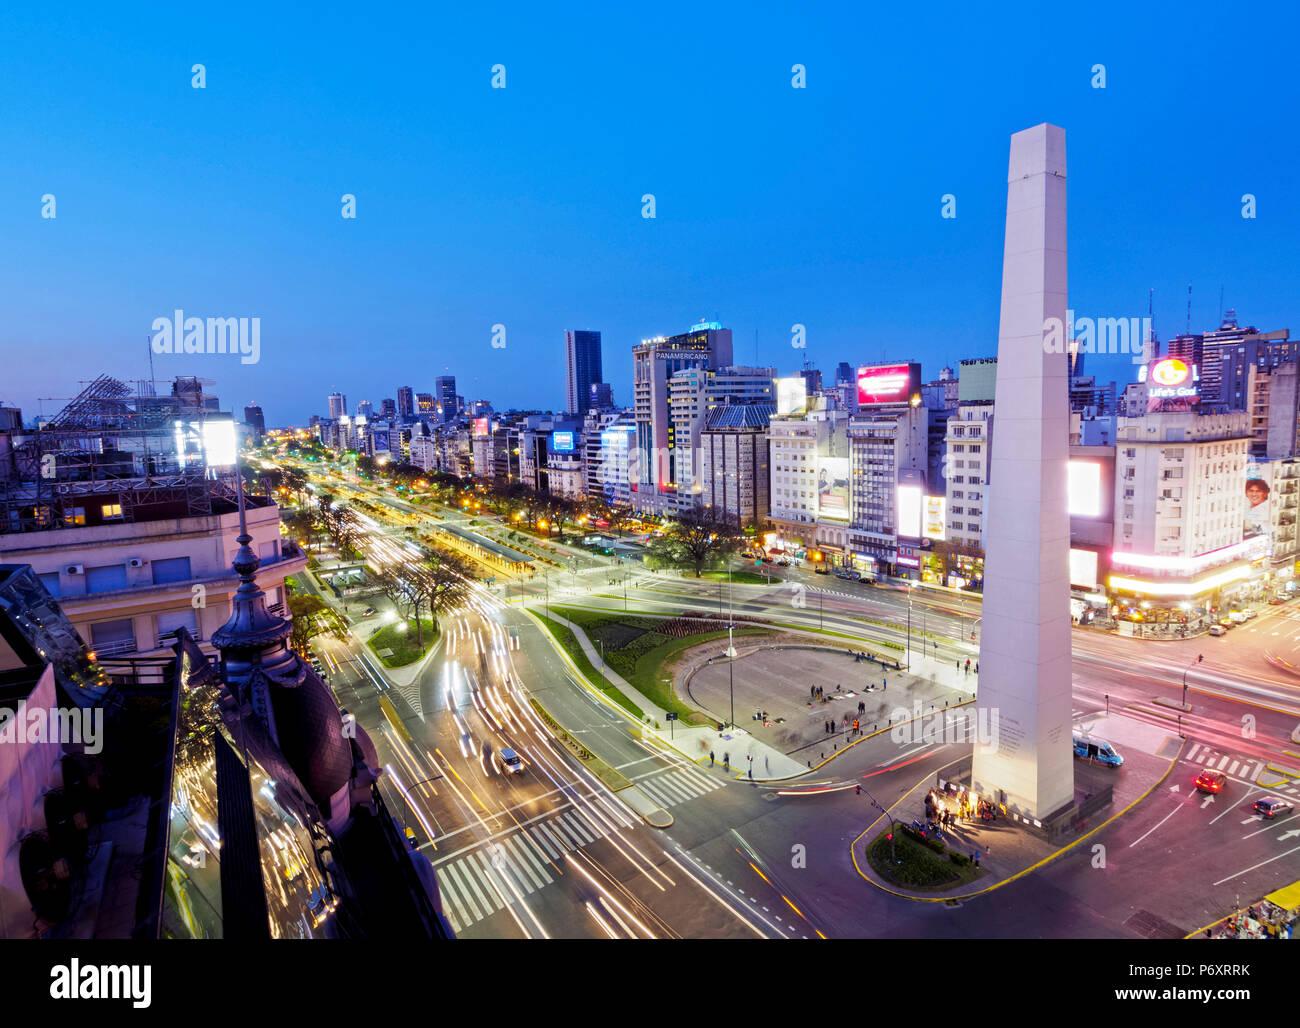 Argentine, Province de Buenos Aires, Ville de Buenos Aires, Crépuscule vue sur l'Avenue 9 de Julio, la Plaza de la Republica et l'obélisque de Buenos Aires. Photo Stock